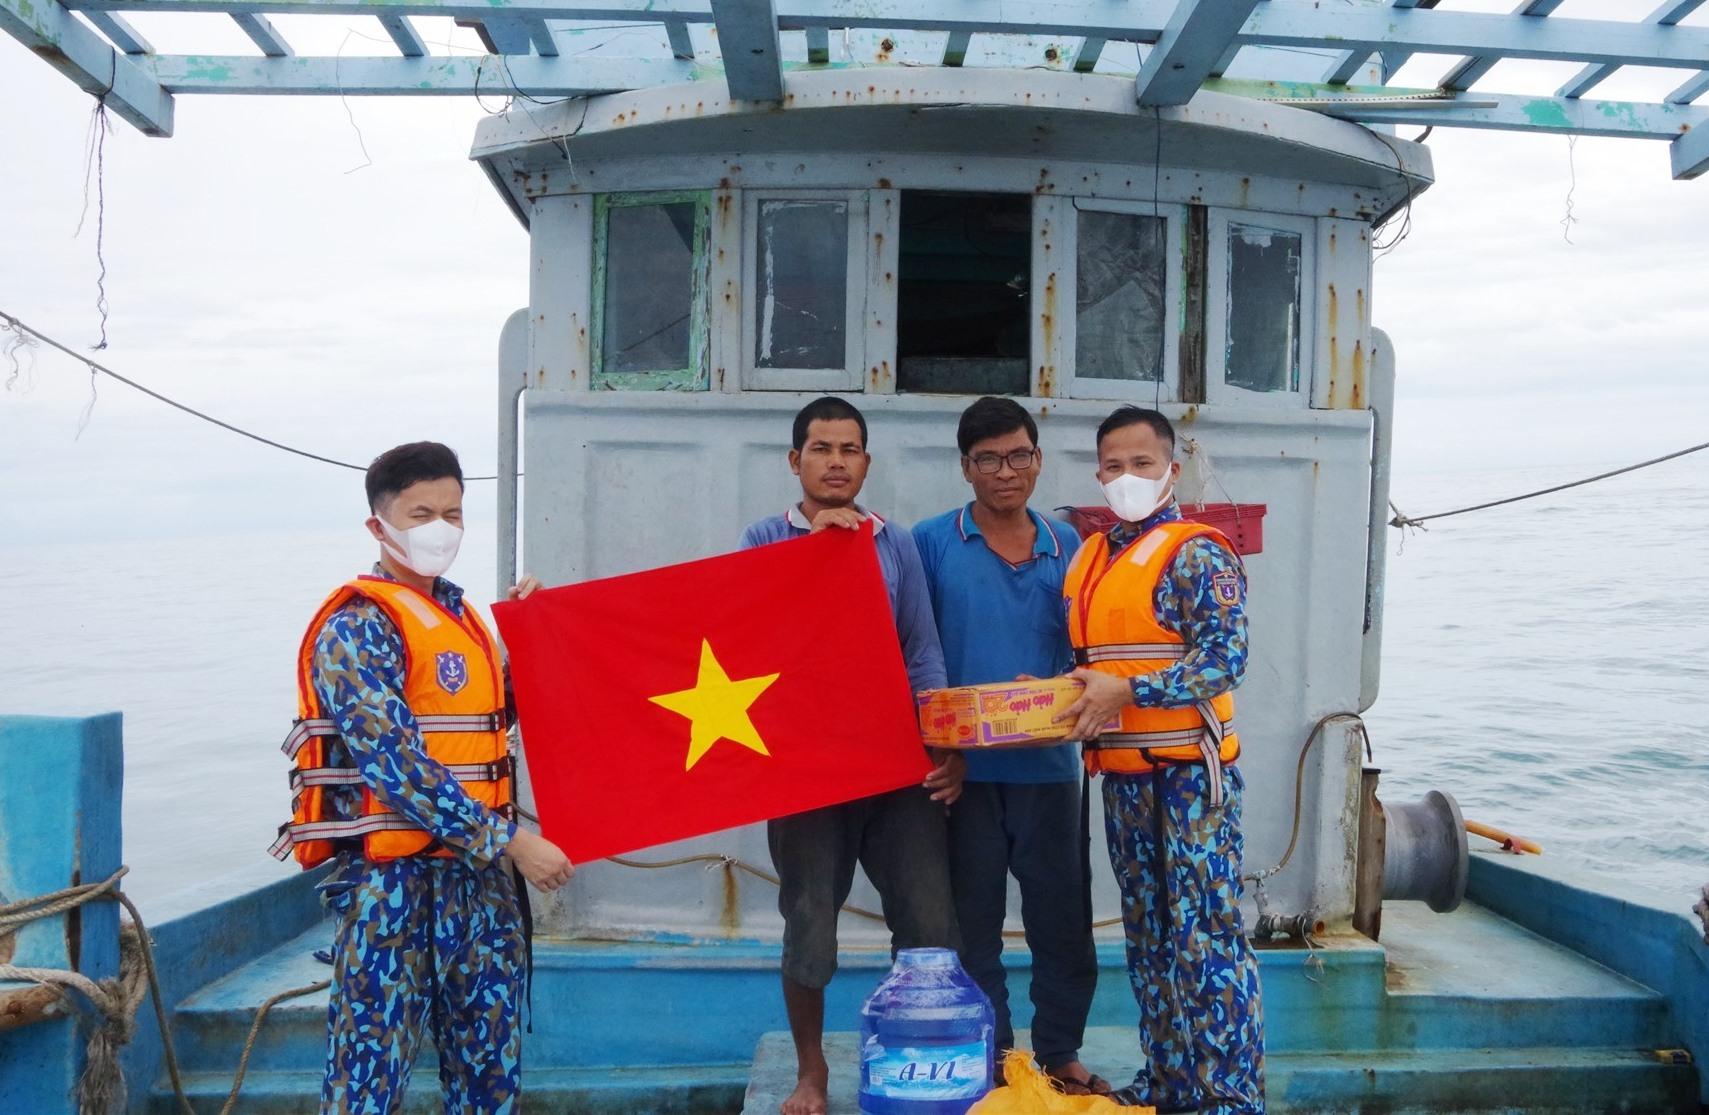 Tặng thực phẩm nước ngọt cho ngư dân trên tàu trước khi lai dắt vào bờ. Ảnh: NAM TRUNG